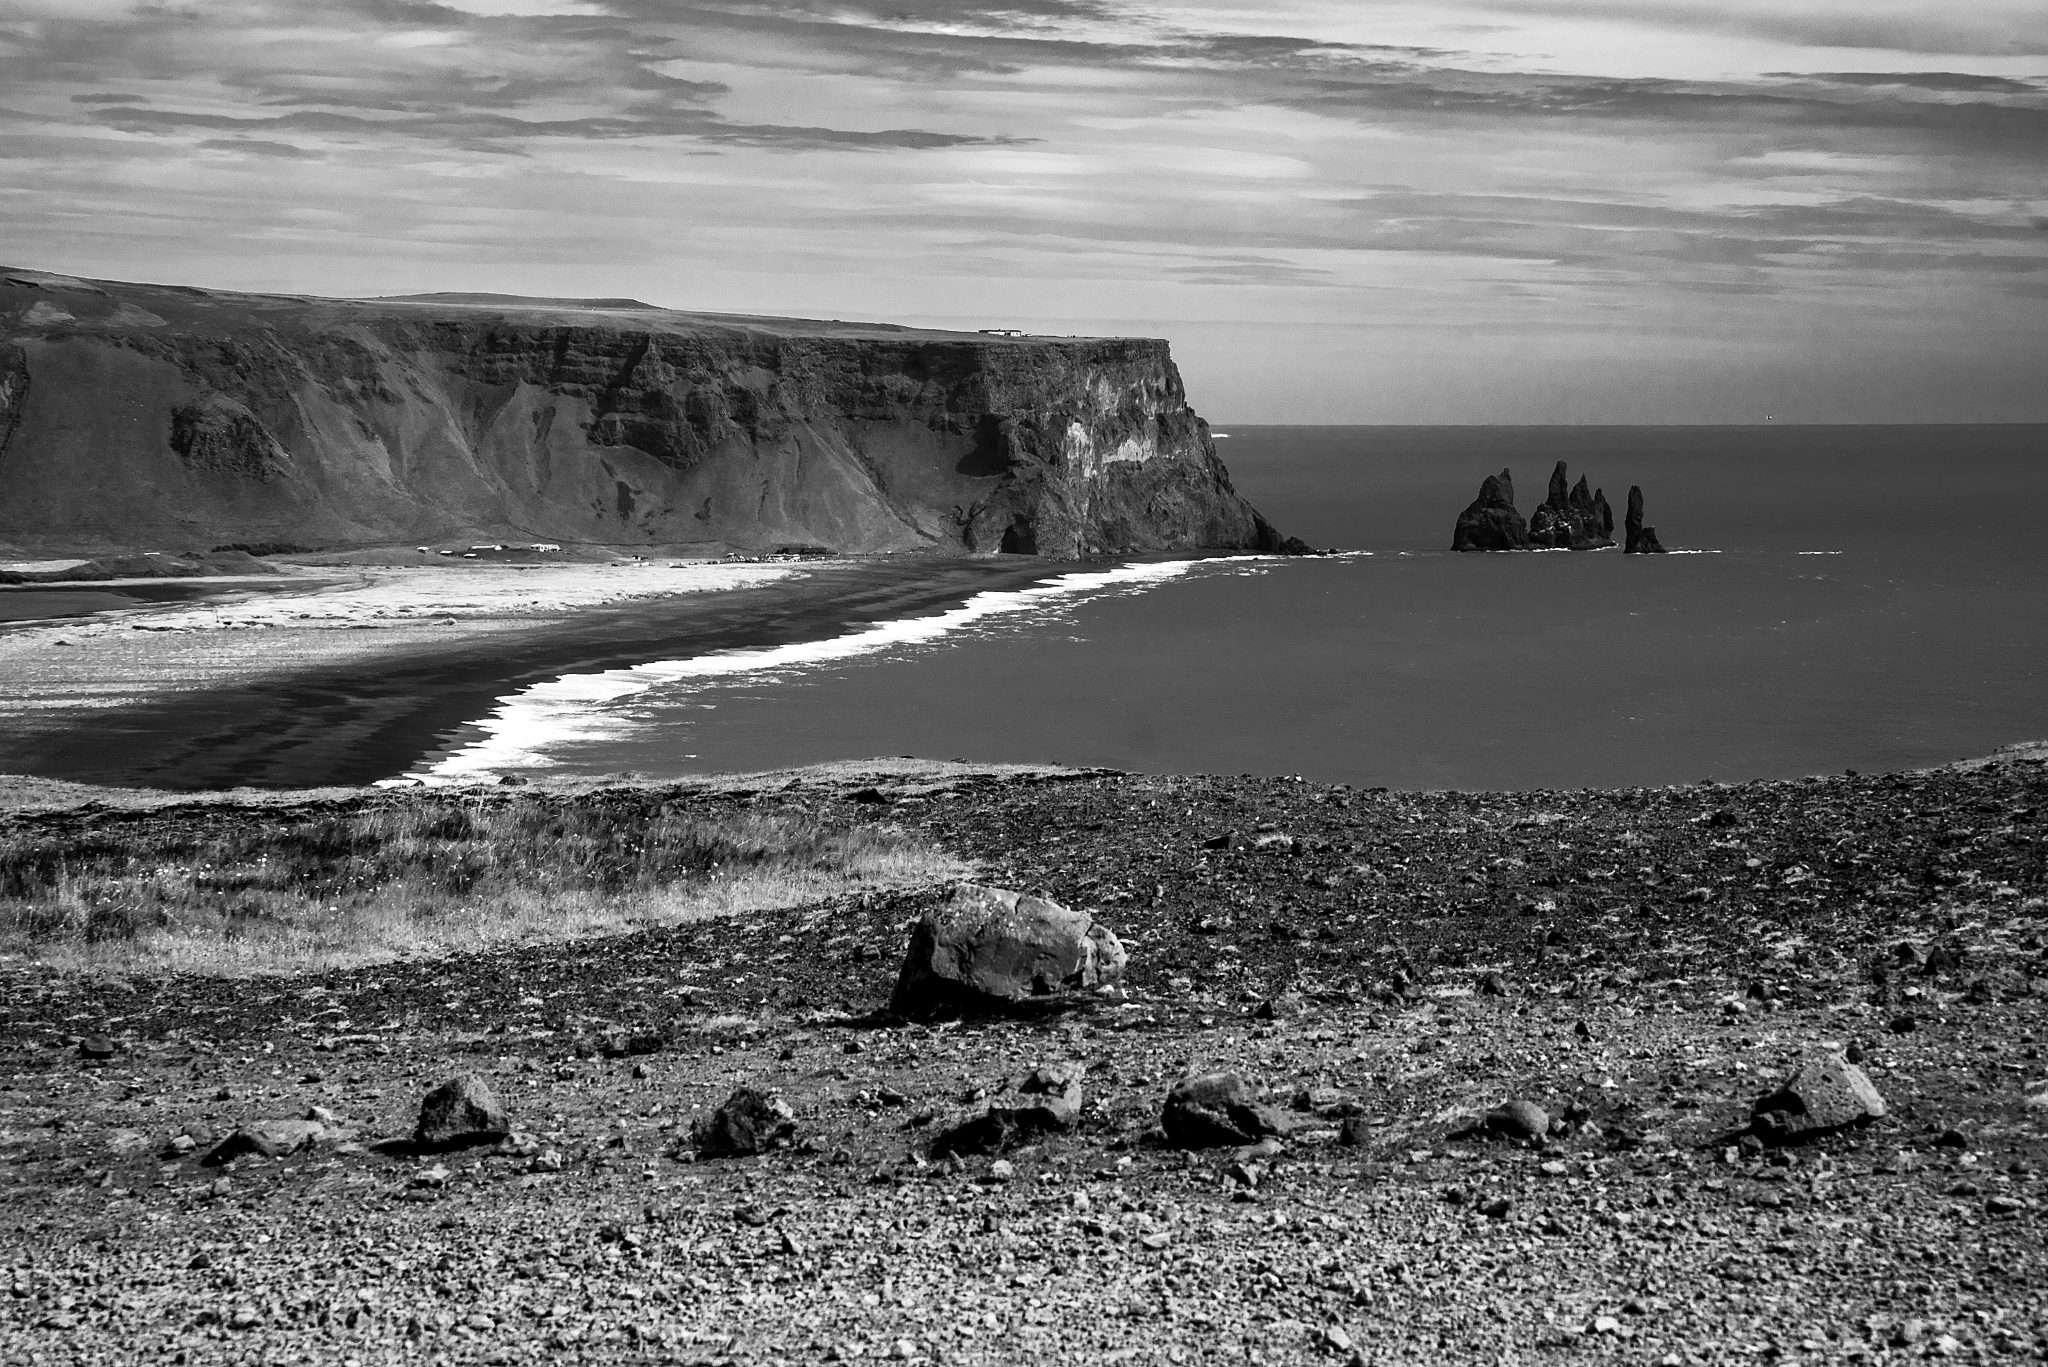 Fotografia paesaggio islanda spiaggia nera realizzata da Barbara Trincone, fotografa professionista paesaggista e di reportage con studio privato a Pozzuoli Napoli